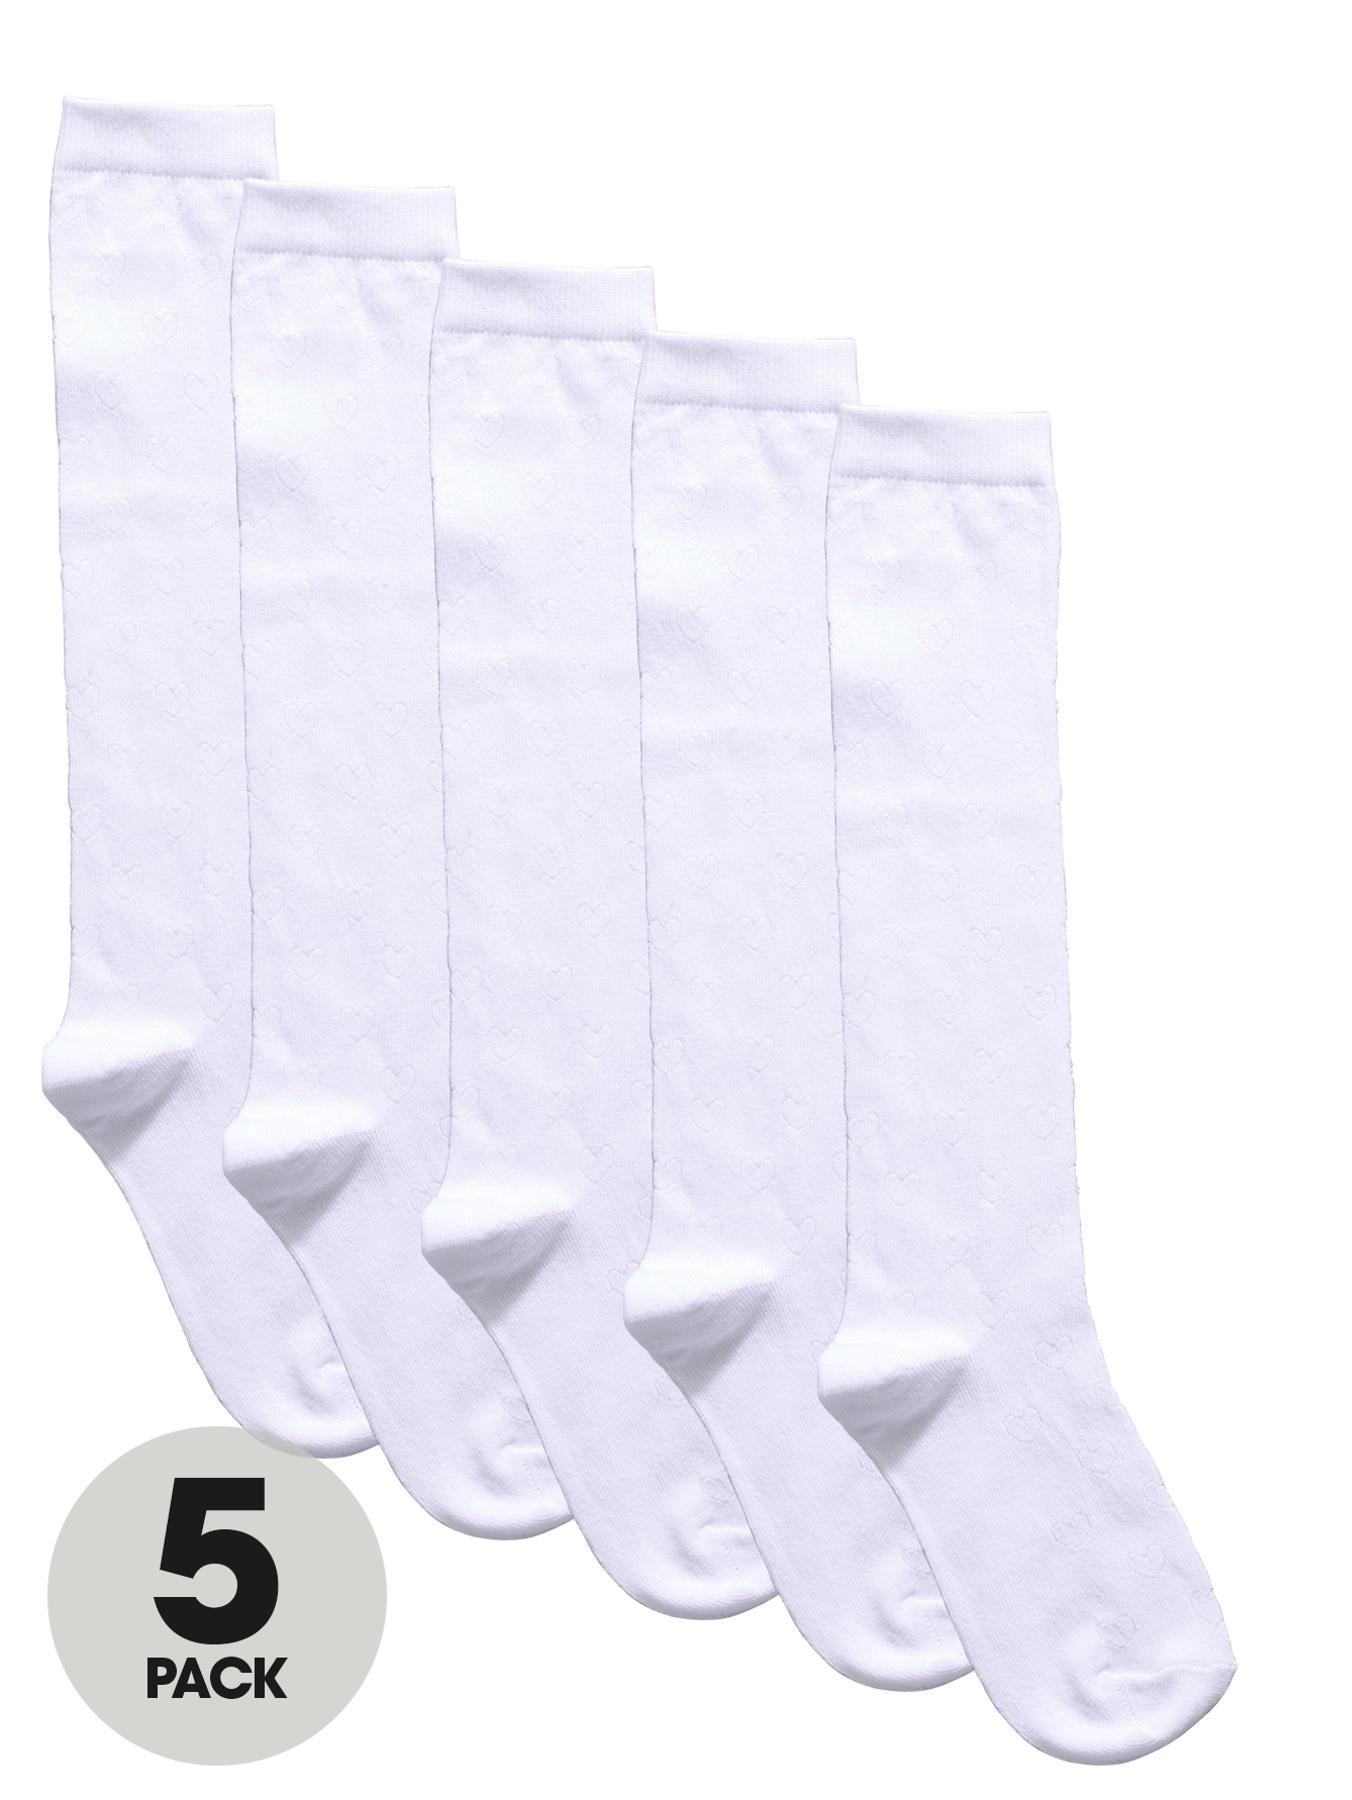 Girls Knee Length Textured Heart Socks (5 Pack), White at Littlewoods